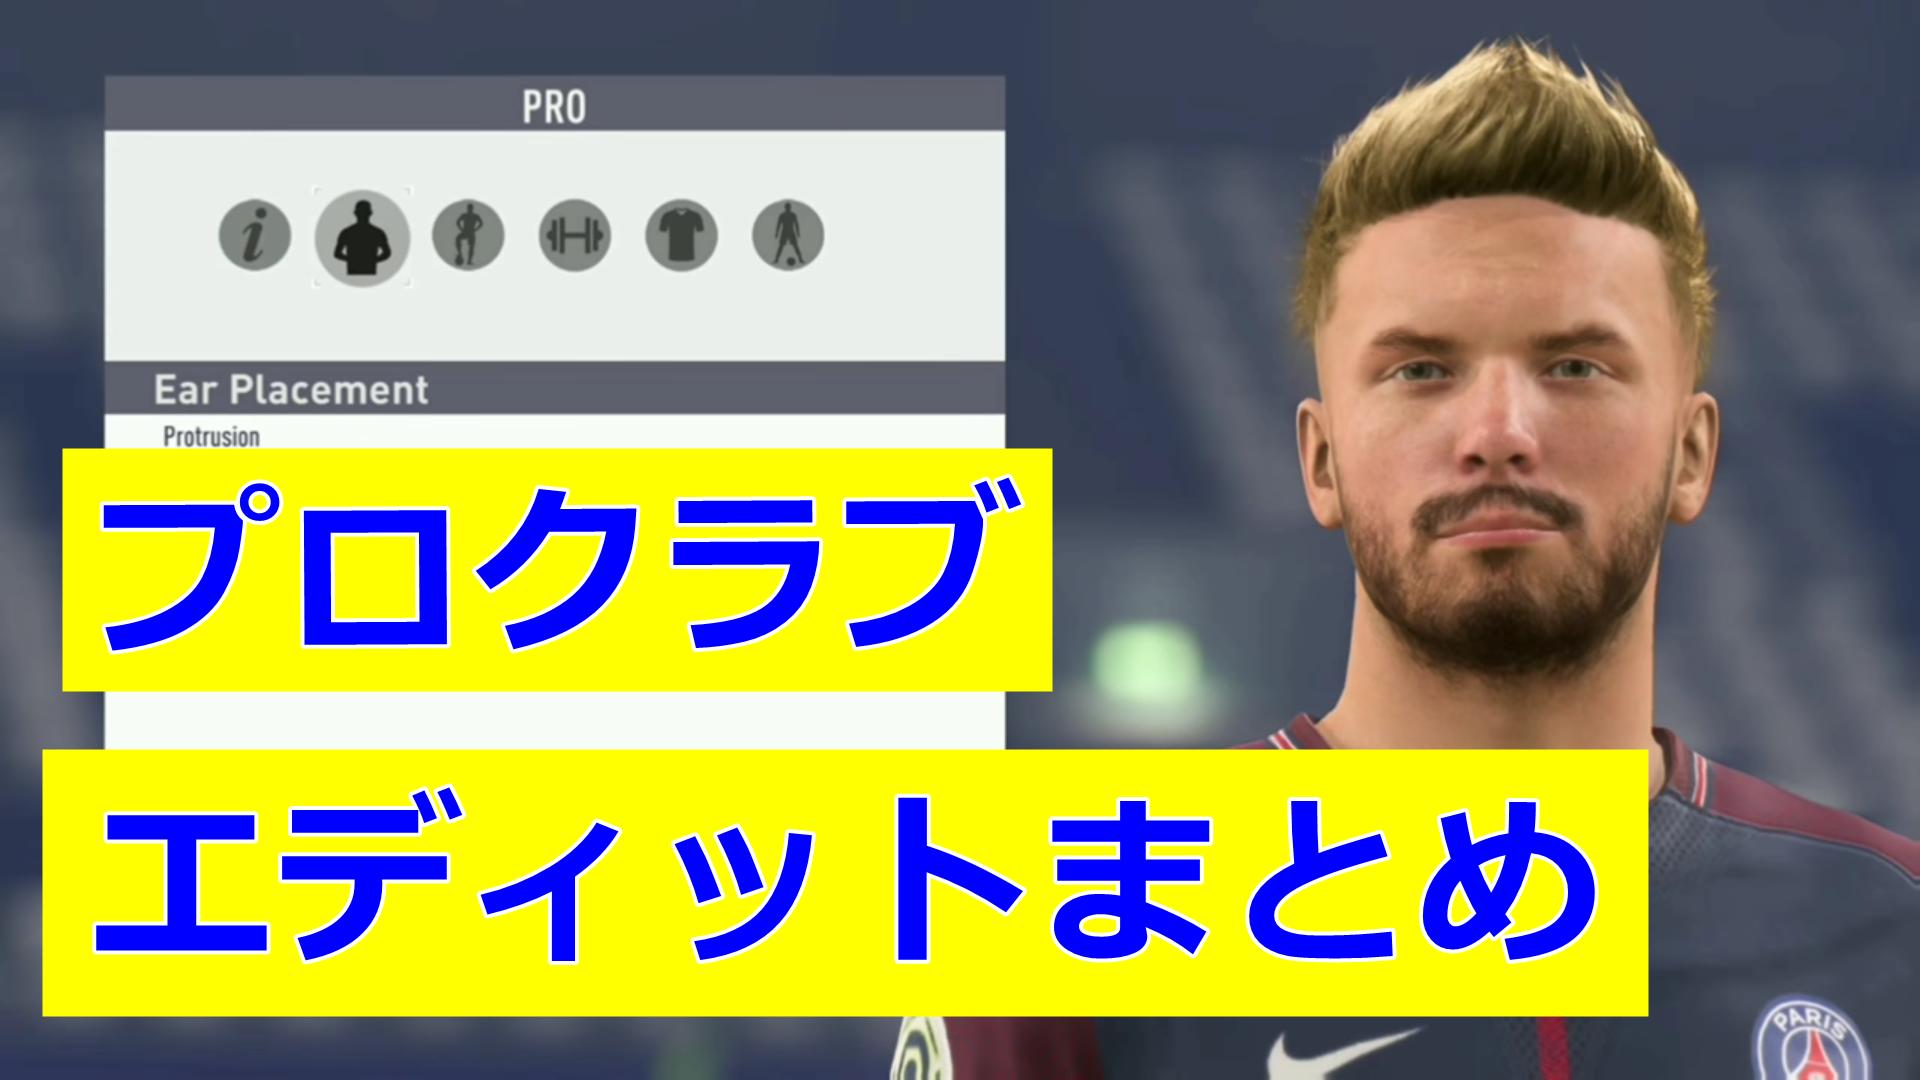 【FIFA19】プロクラブで実在選手に似せた顔エディットレシピまとめ!【選手作成】